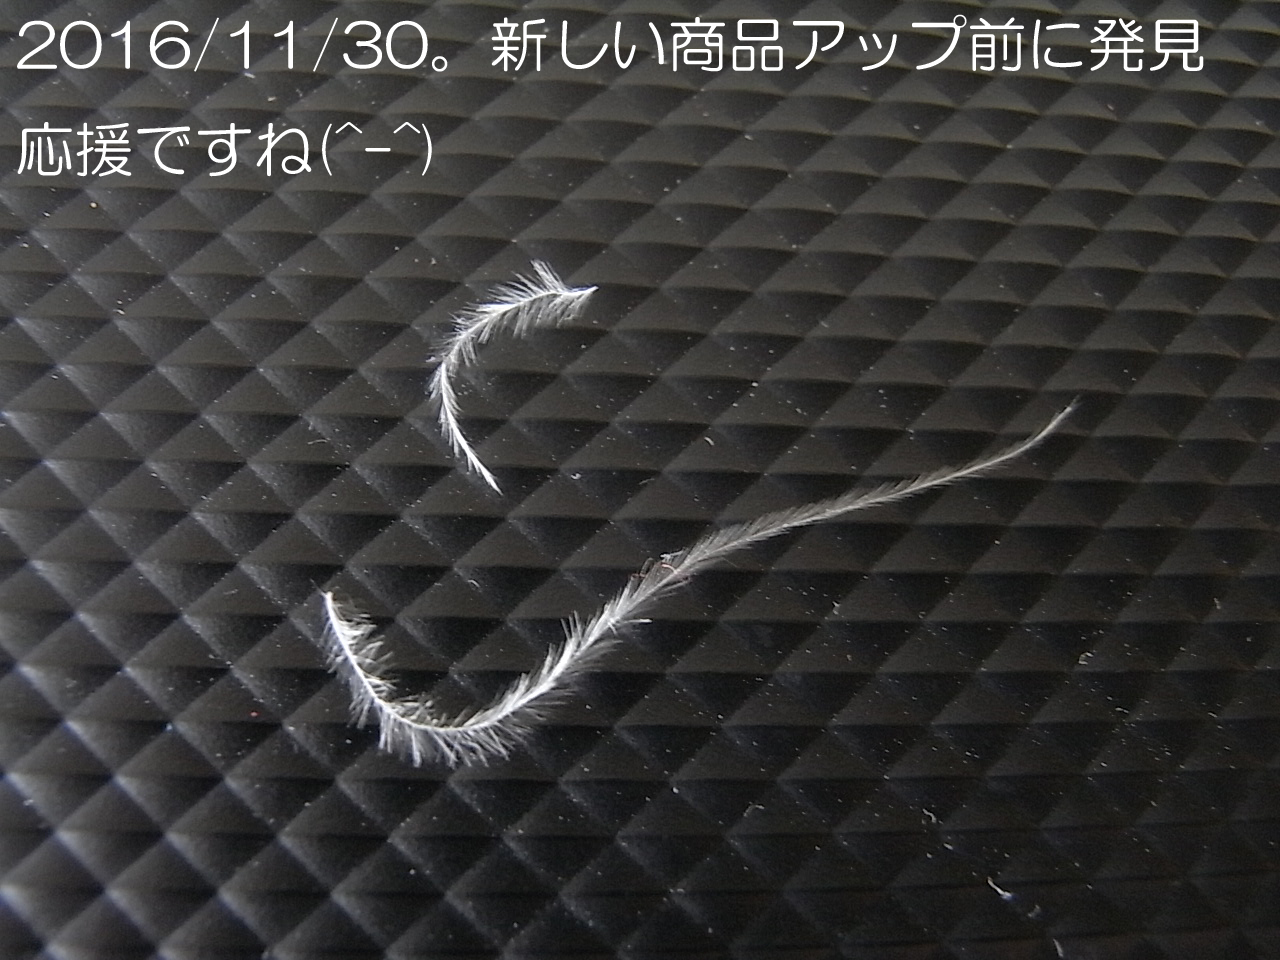 天使の羽2016/11/30